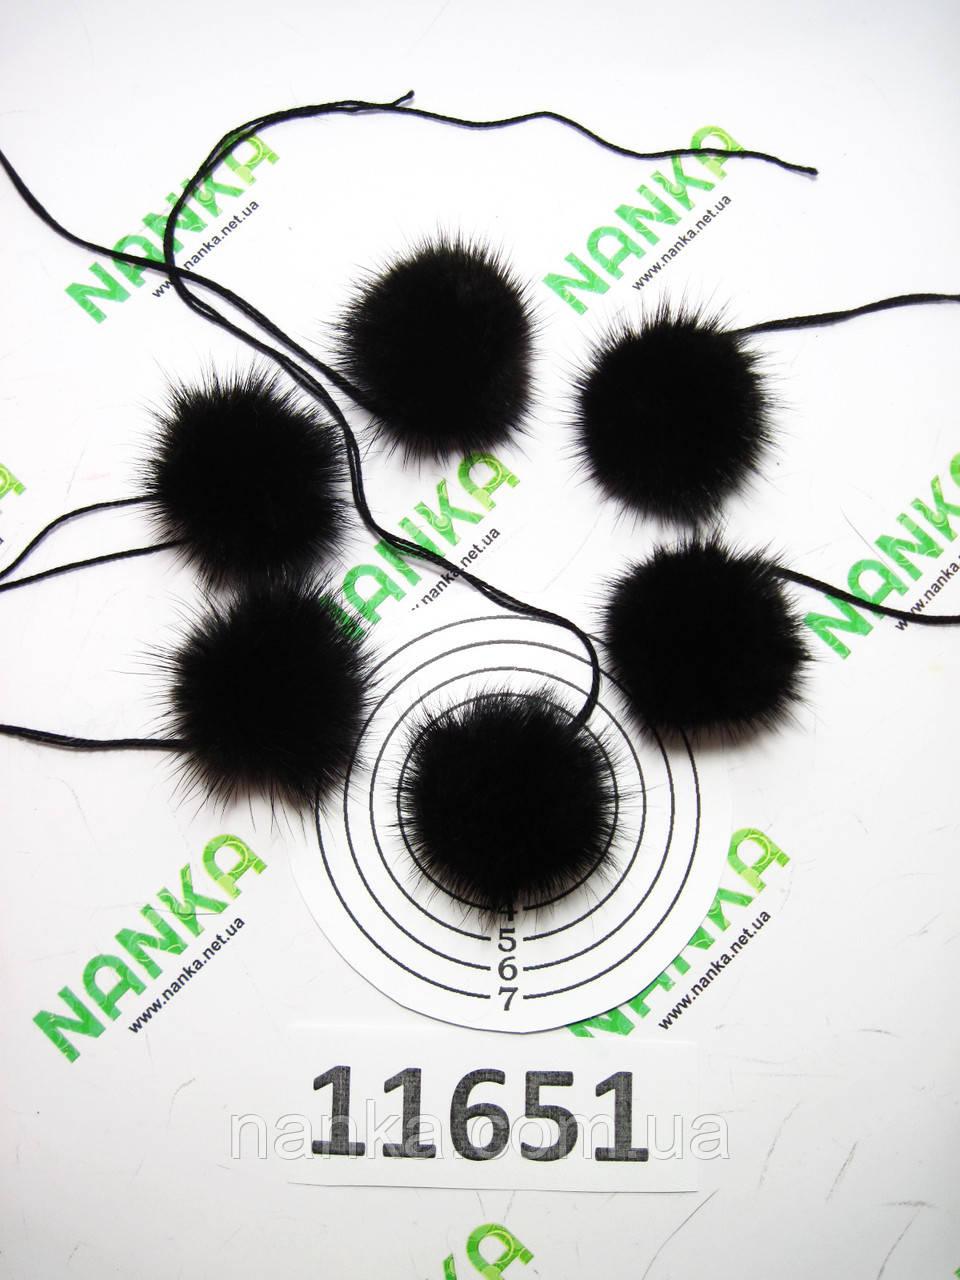 Меховой помпон Норка, Черный шоколад, 4 см, (6 шт) 11651